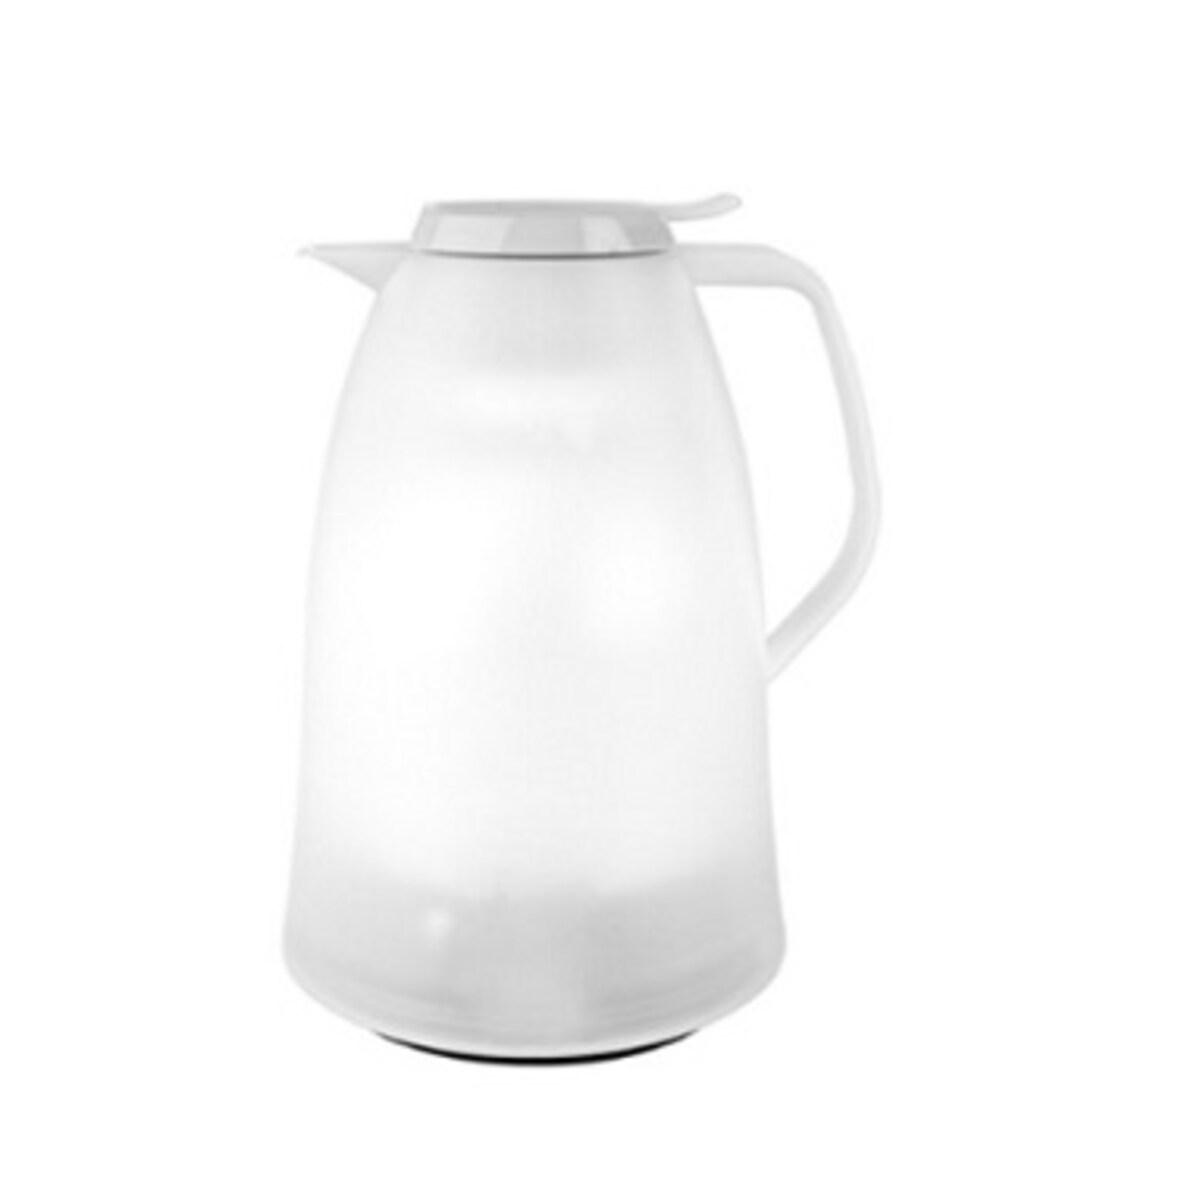 Термокана Tefal MAMBO 1.5л в бяло